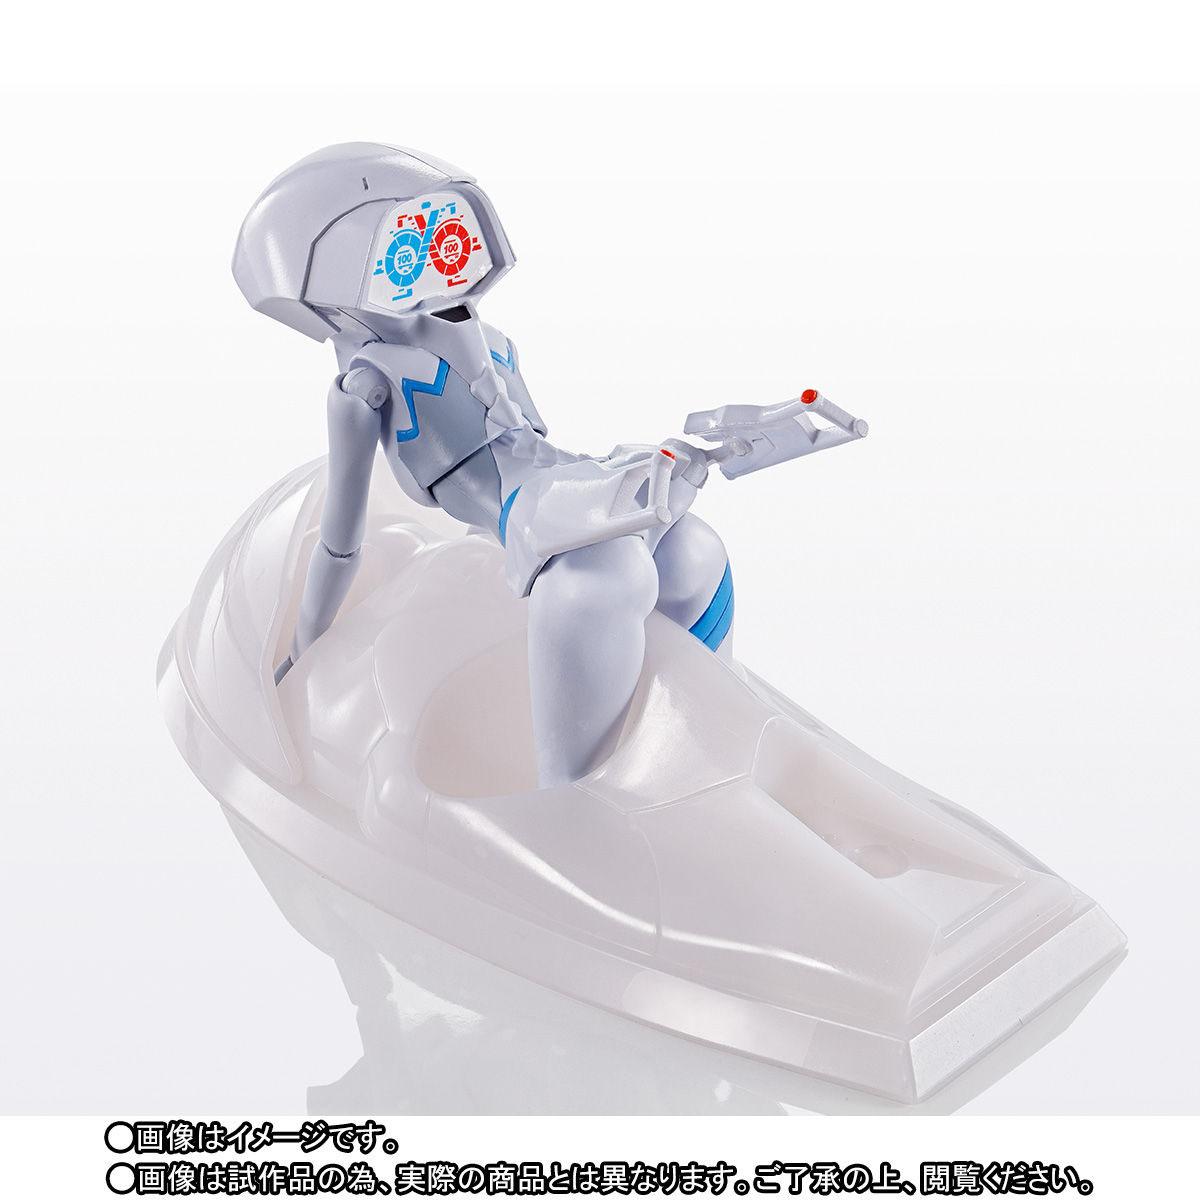 S.H.フィギュアーツ『イチゴ』ダーリン・イン・ザ・フランキス 可動フィギュア-006